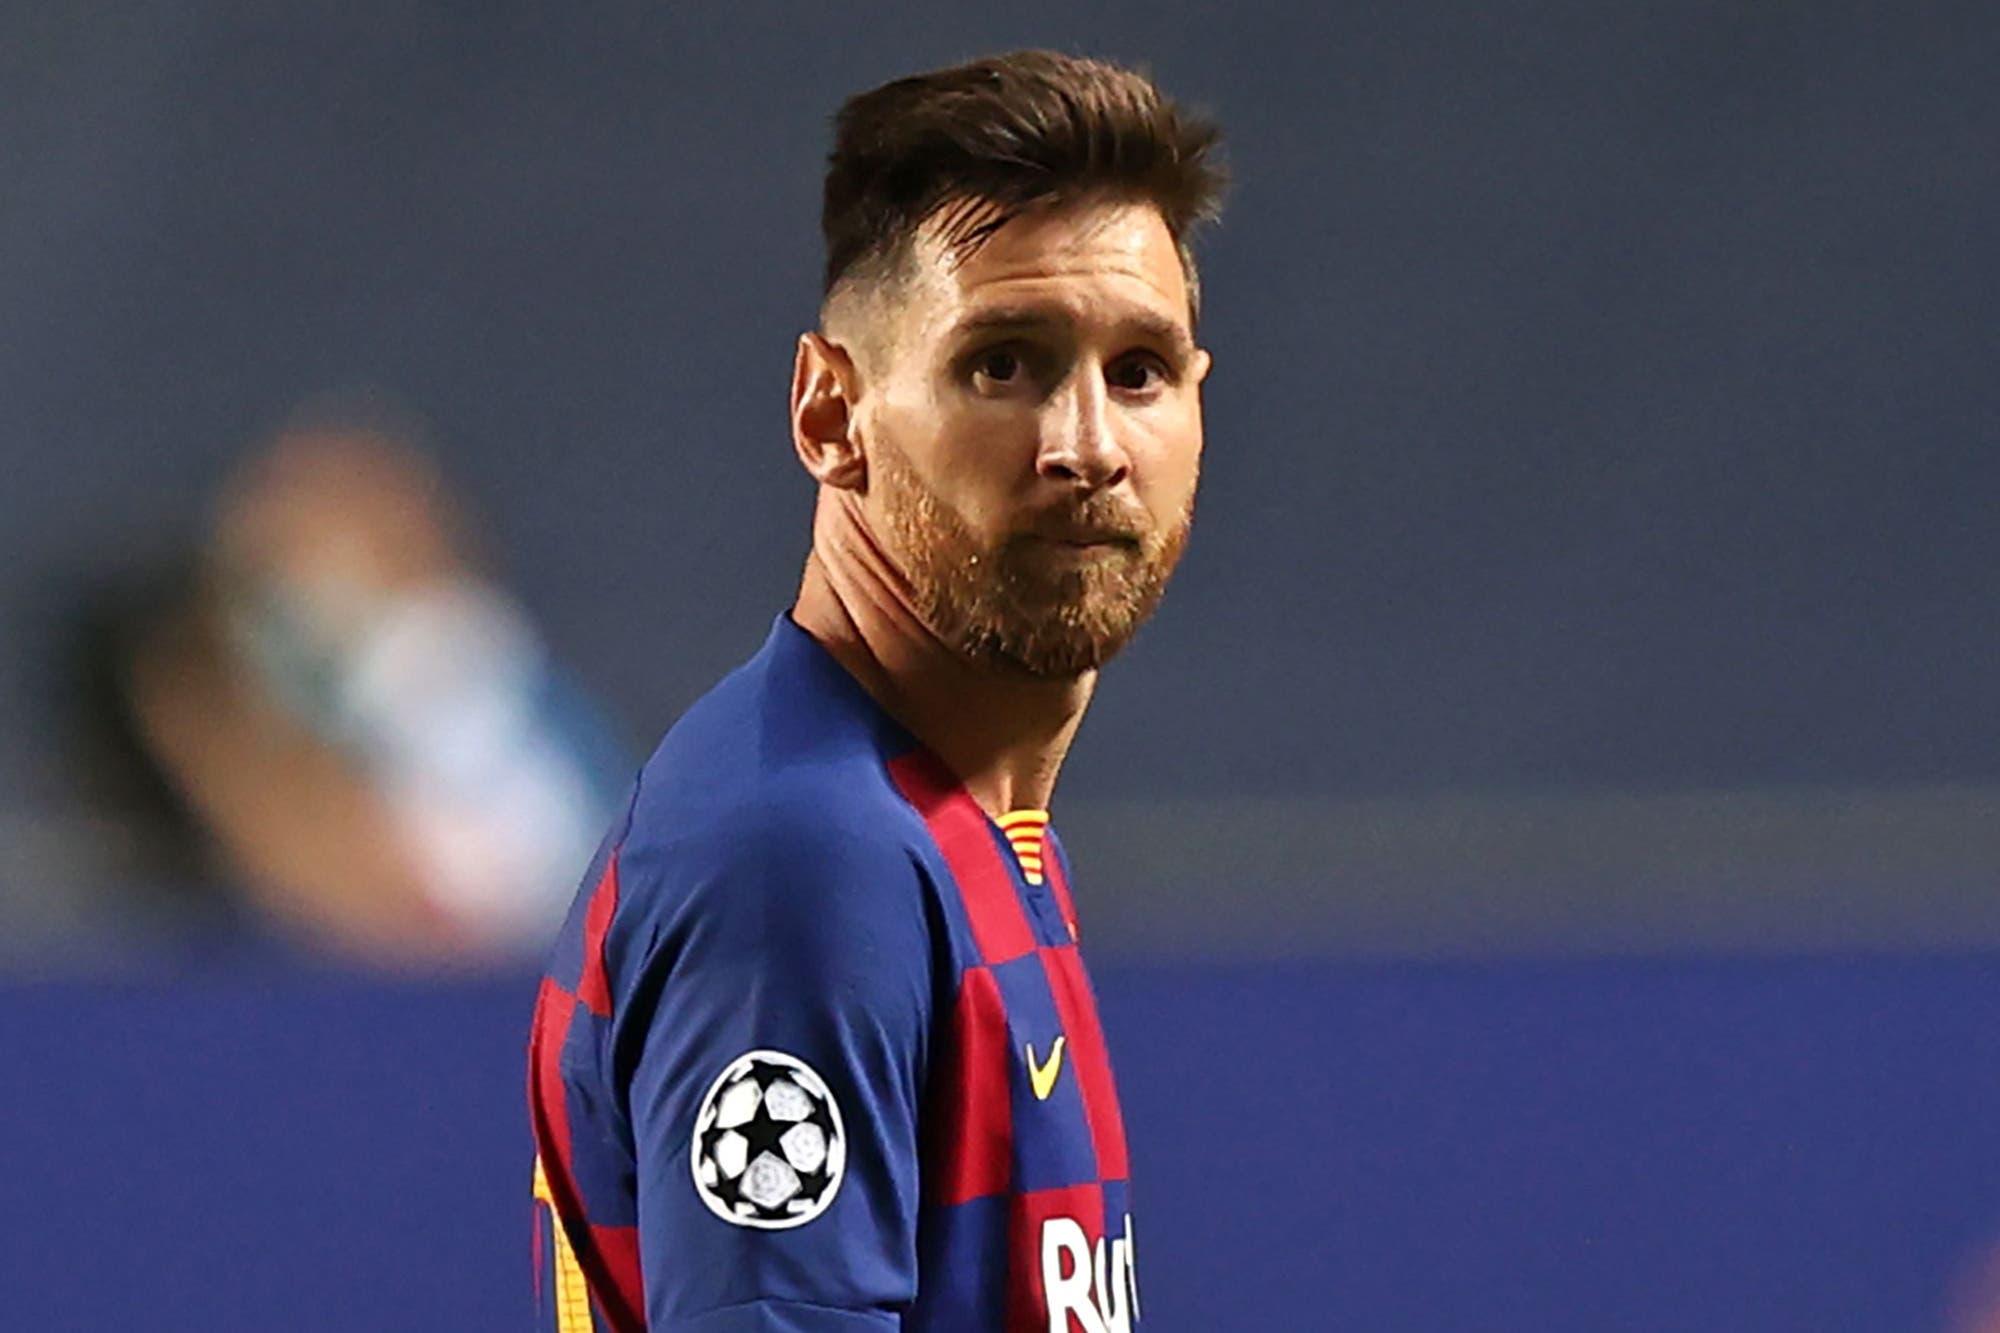 Lionel Messi cambió de estrategia en Barcelona: pasó de las bombas contra Bartomeu a un mensaje de conciliación